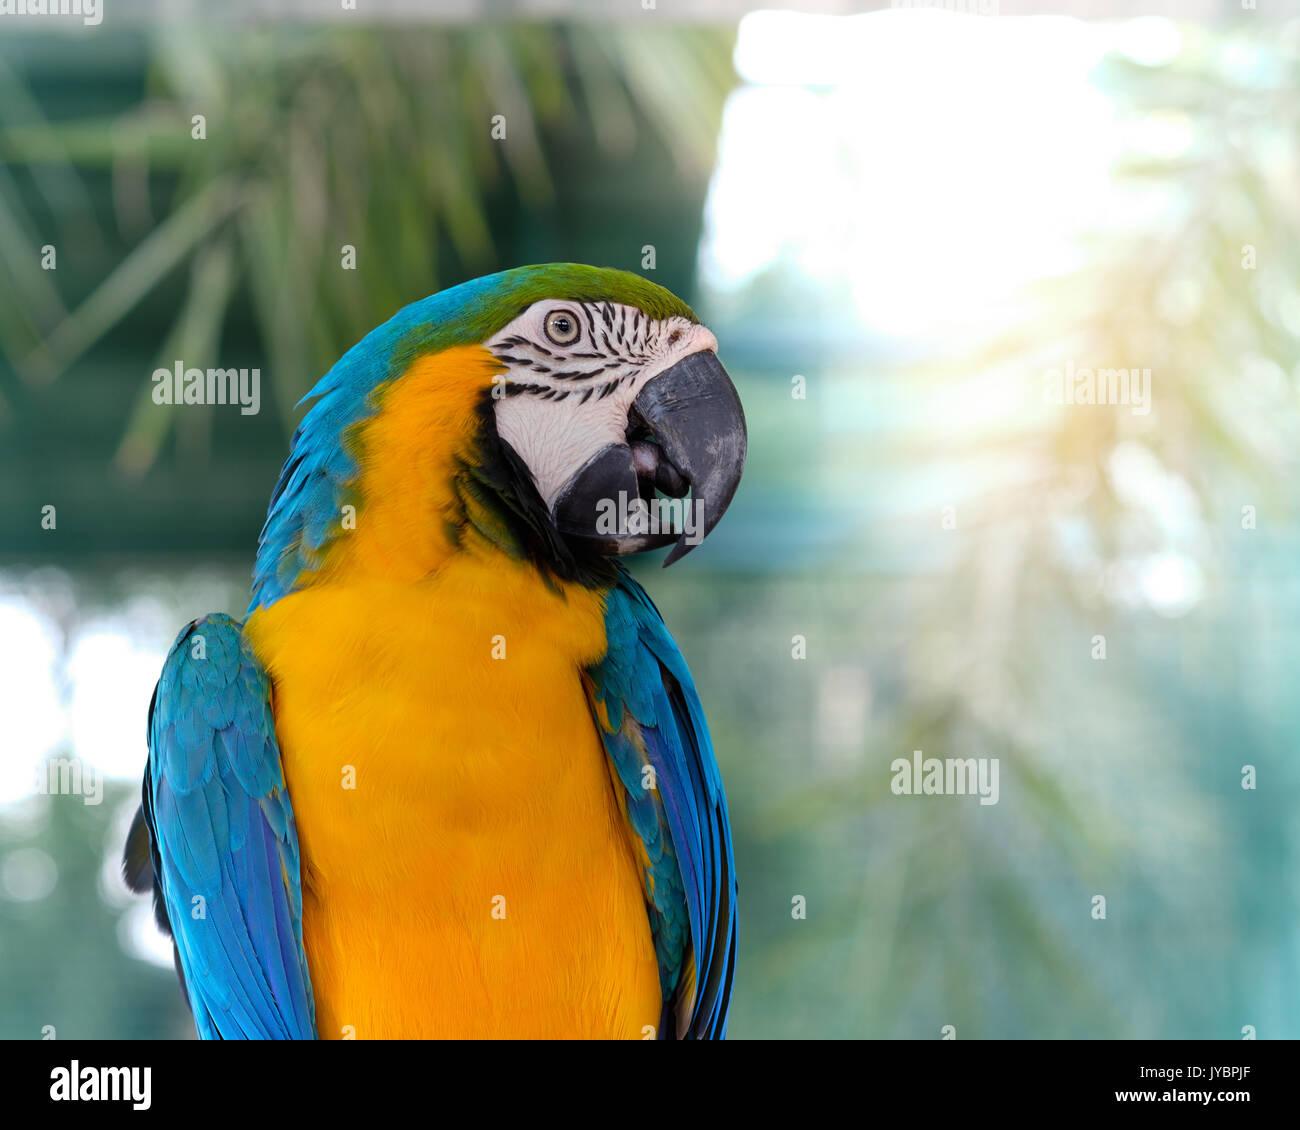 Blue-and-yellow macaw debout sur une branche avec arrière-plan flou. Photo Stock